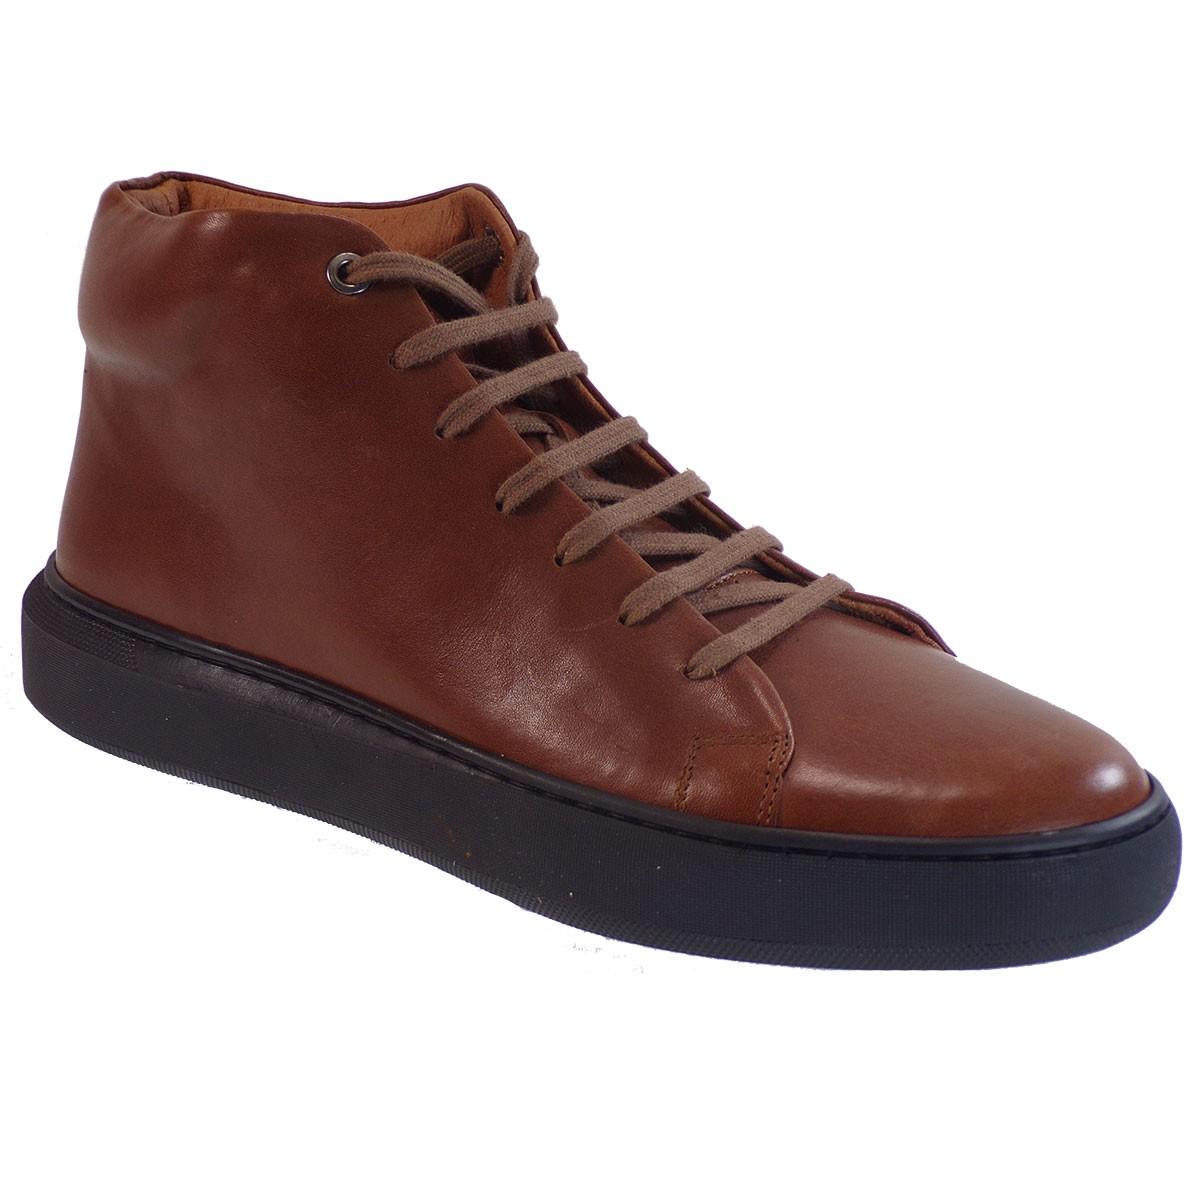 Kricket Shoes Ανδρικά Μποτάκια 4421 Ταμπά Δέρμα